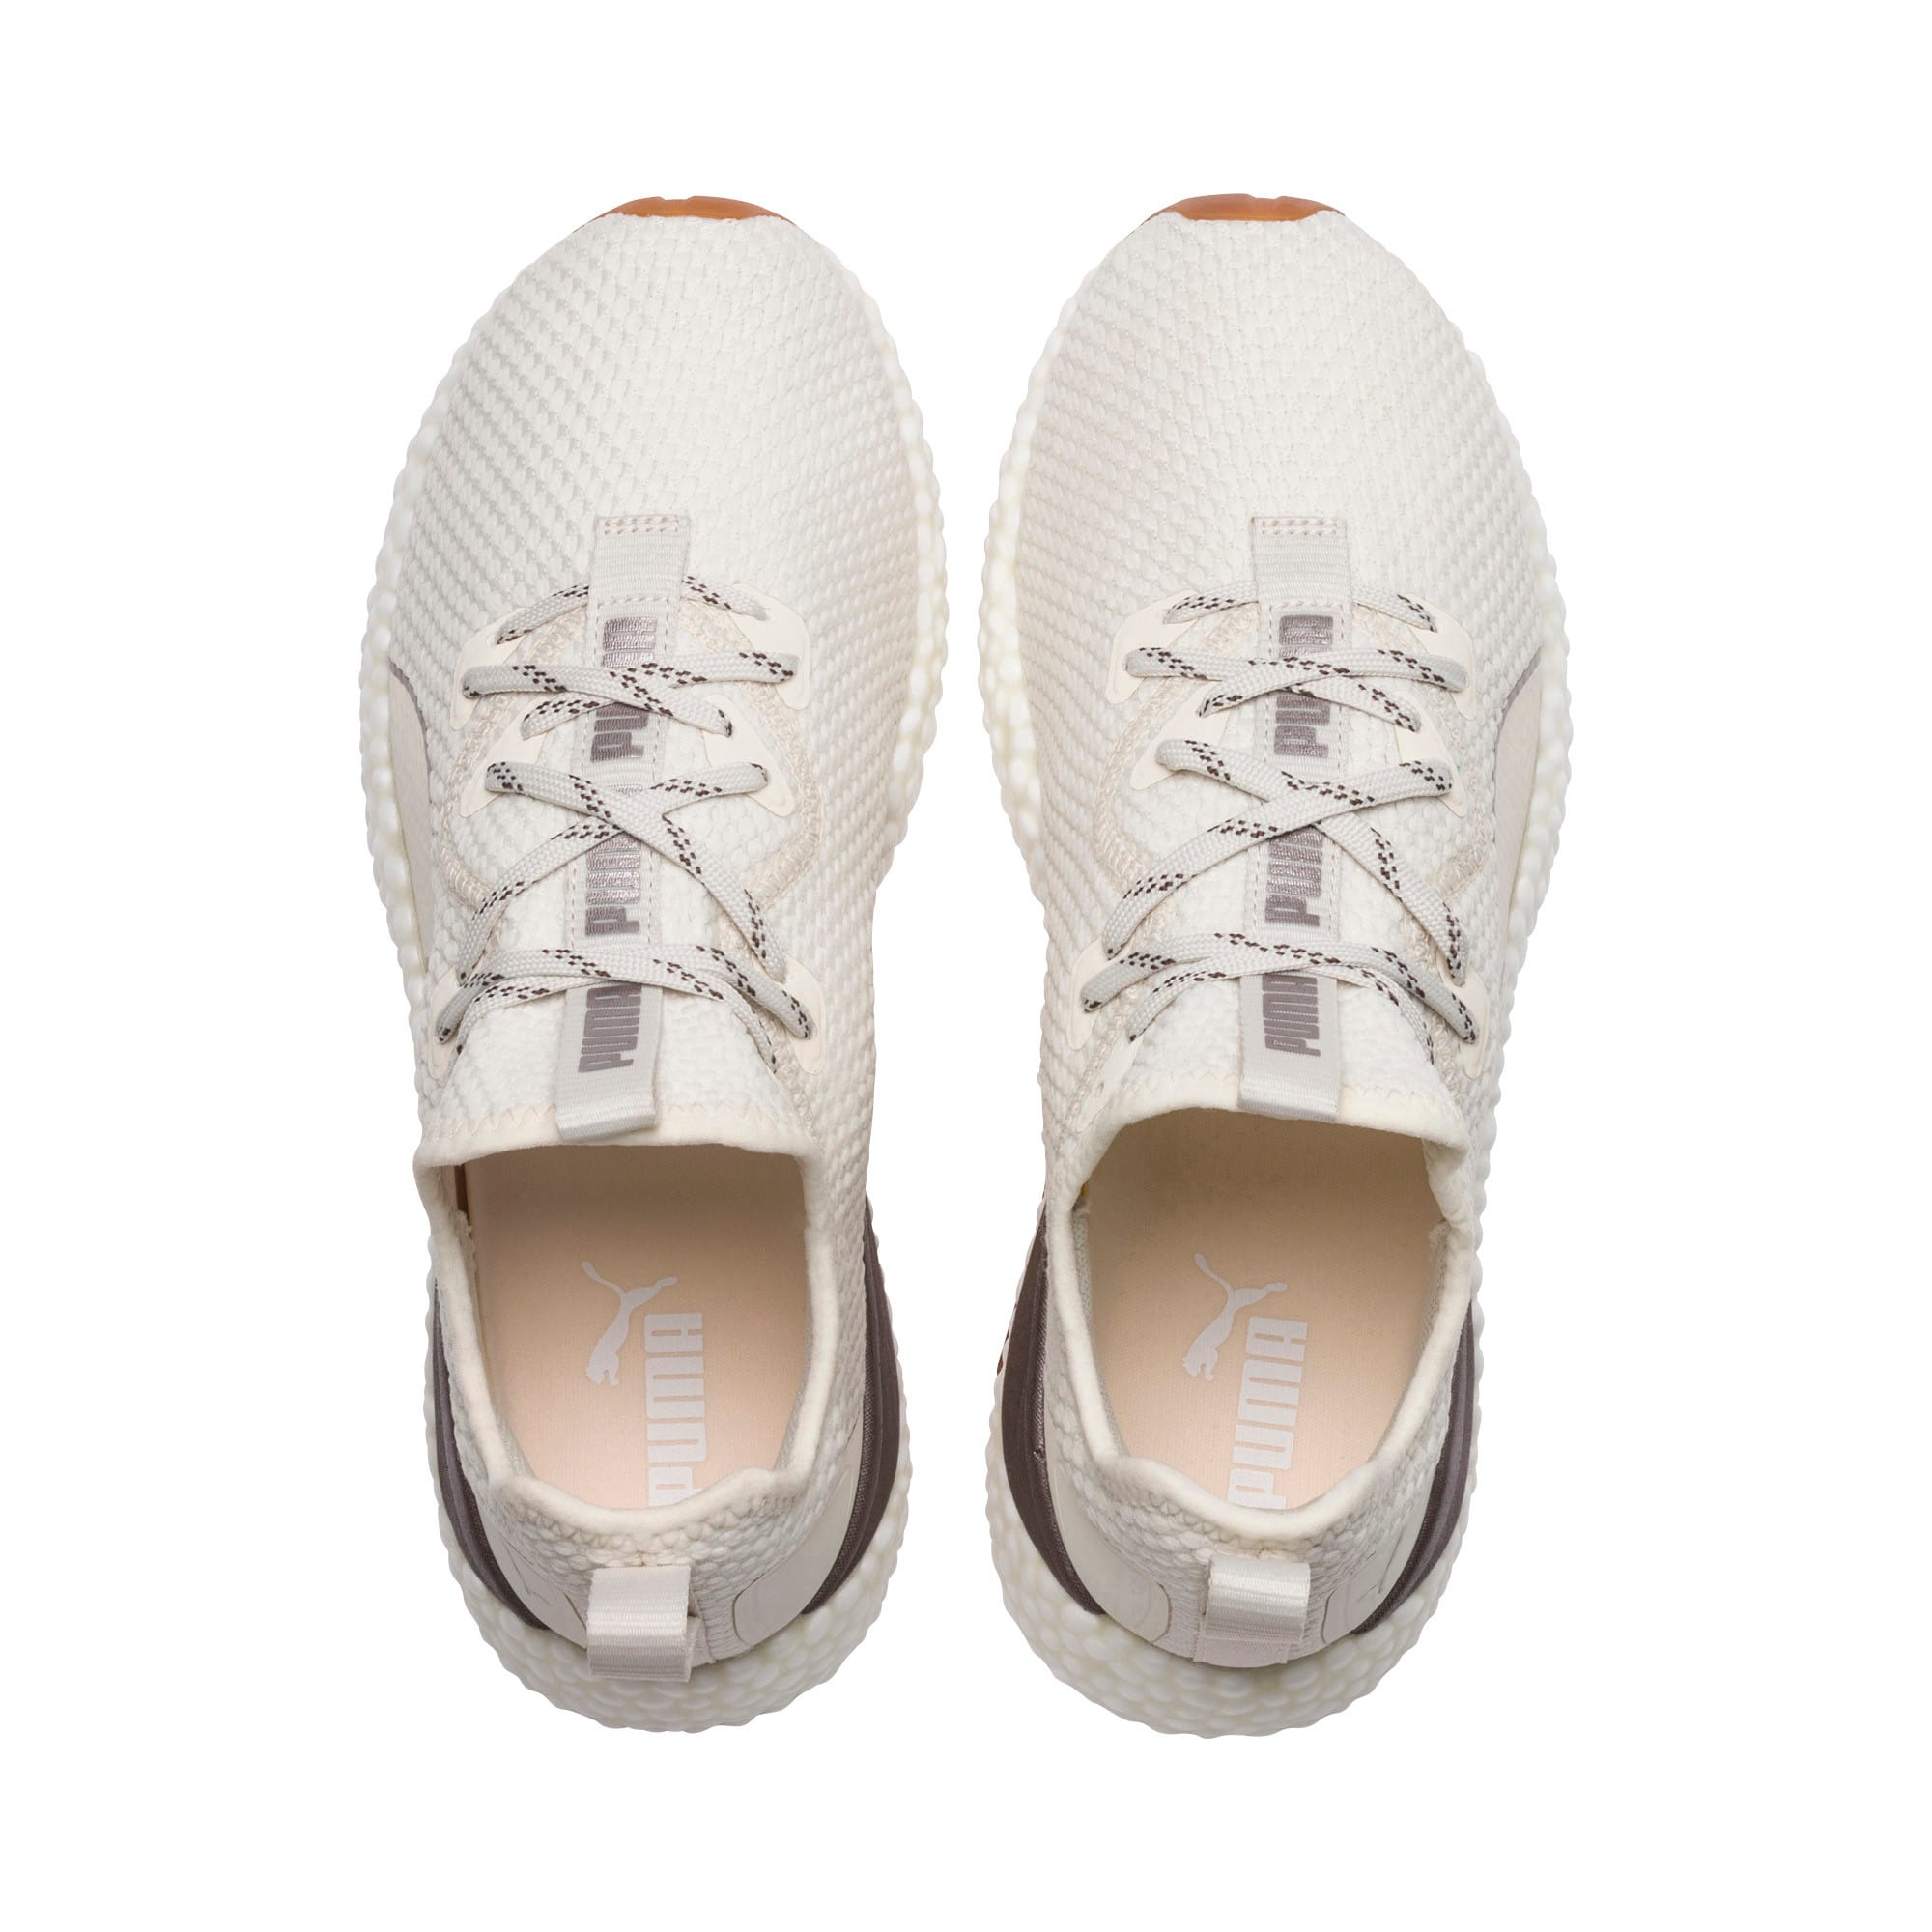 Thumbnail 6 of HYBRID Runner Luxe Women's Running Shoes, Whisper White-Puma White, medium